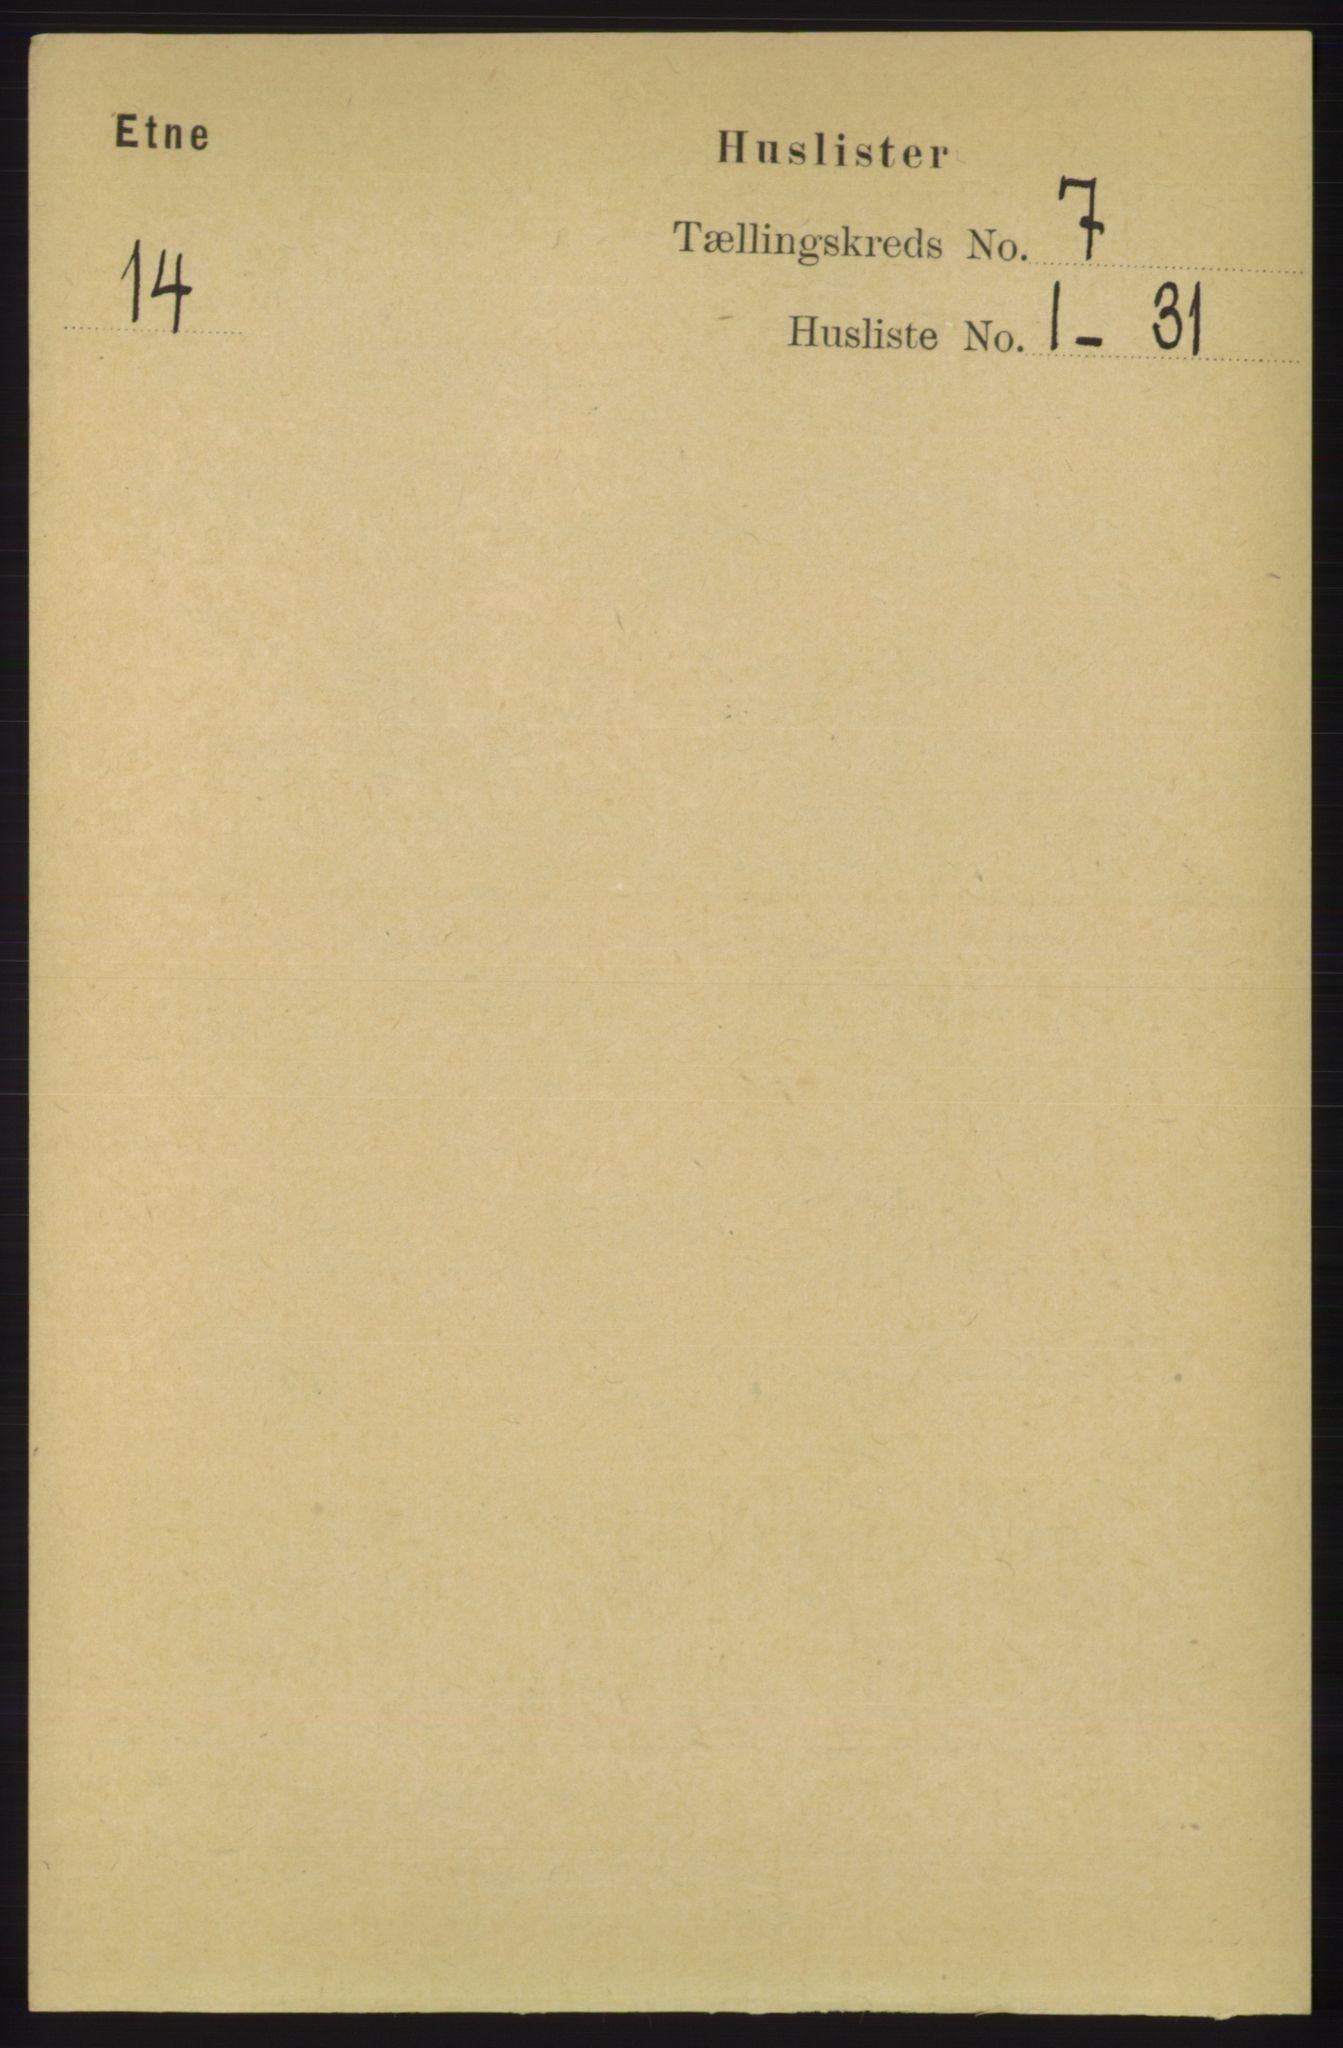 RA, Folketelling 1891 for 1211 Etne herred, 1891, s. 1359